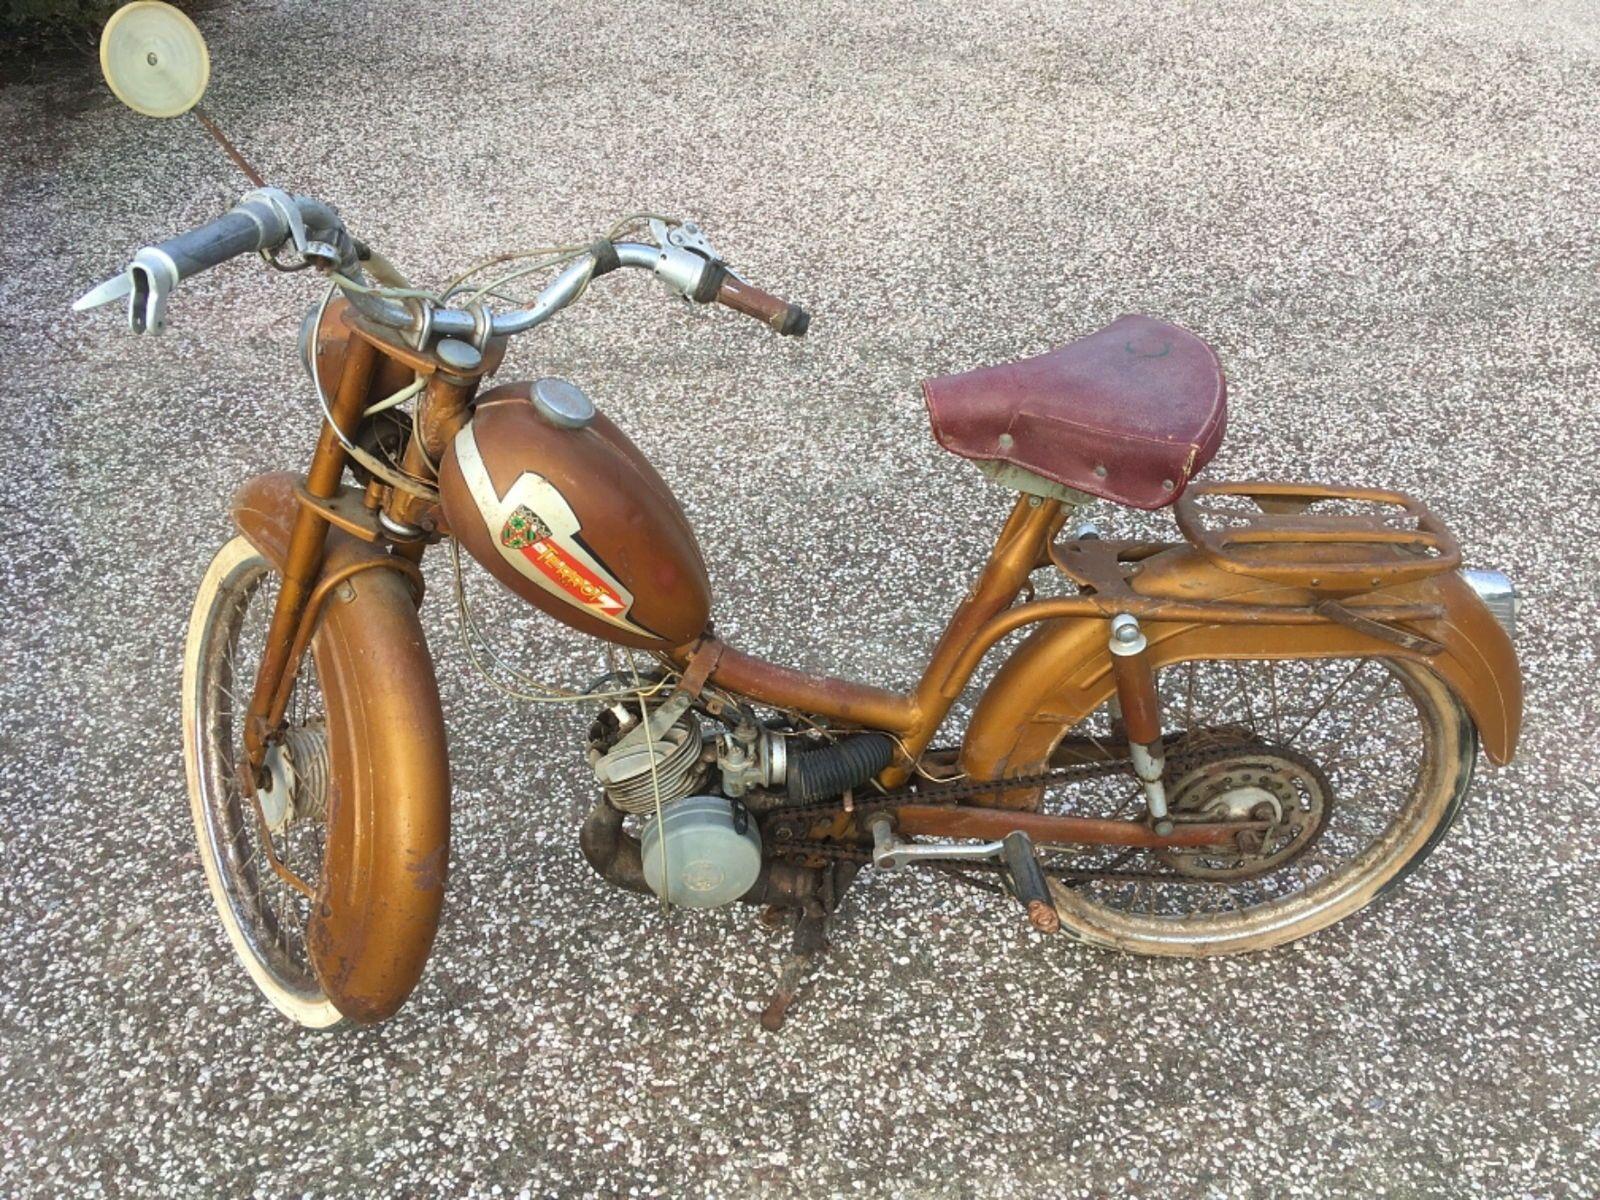 Vends Cyclomoteur Terrot VL2de 1960- 5000km